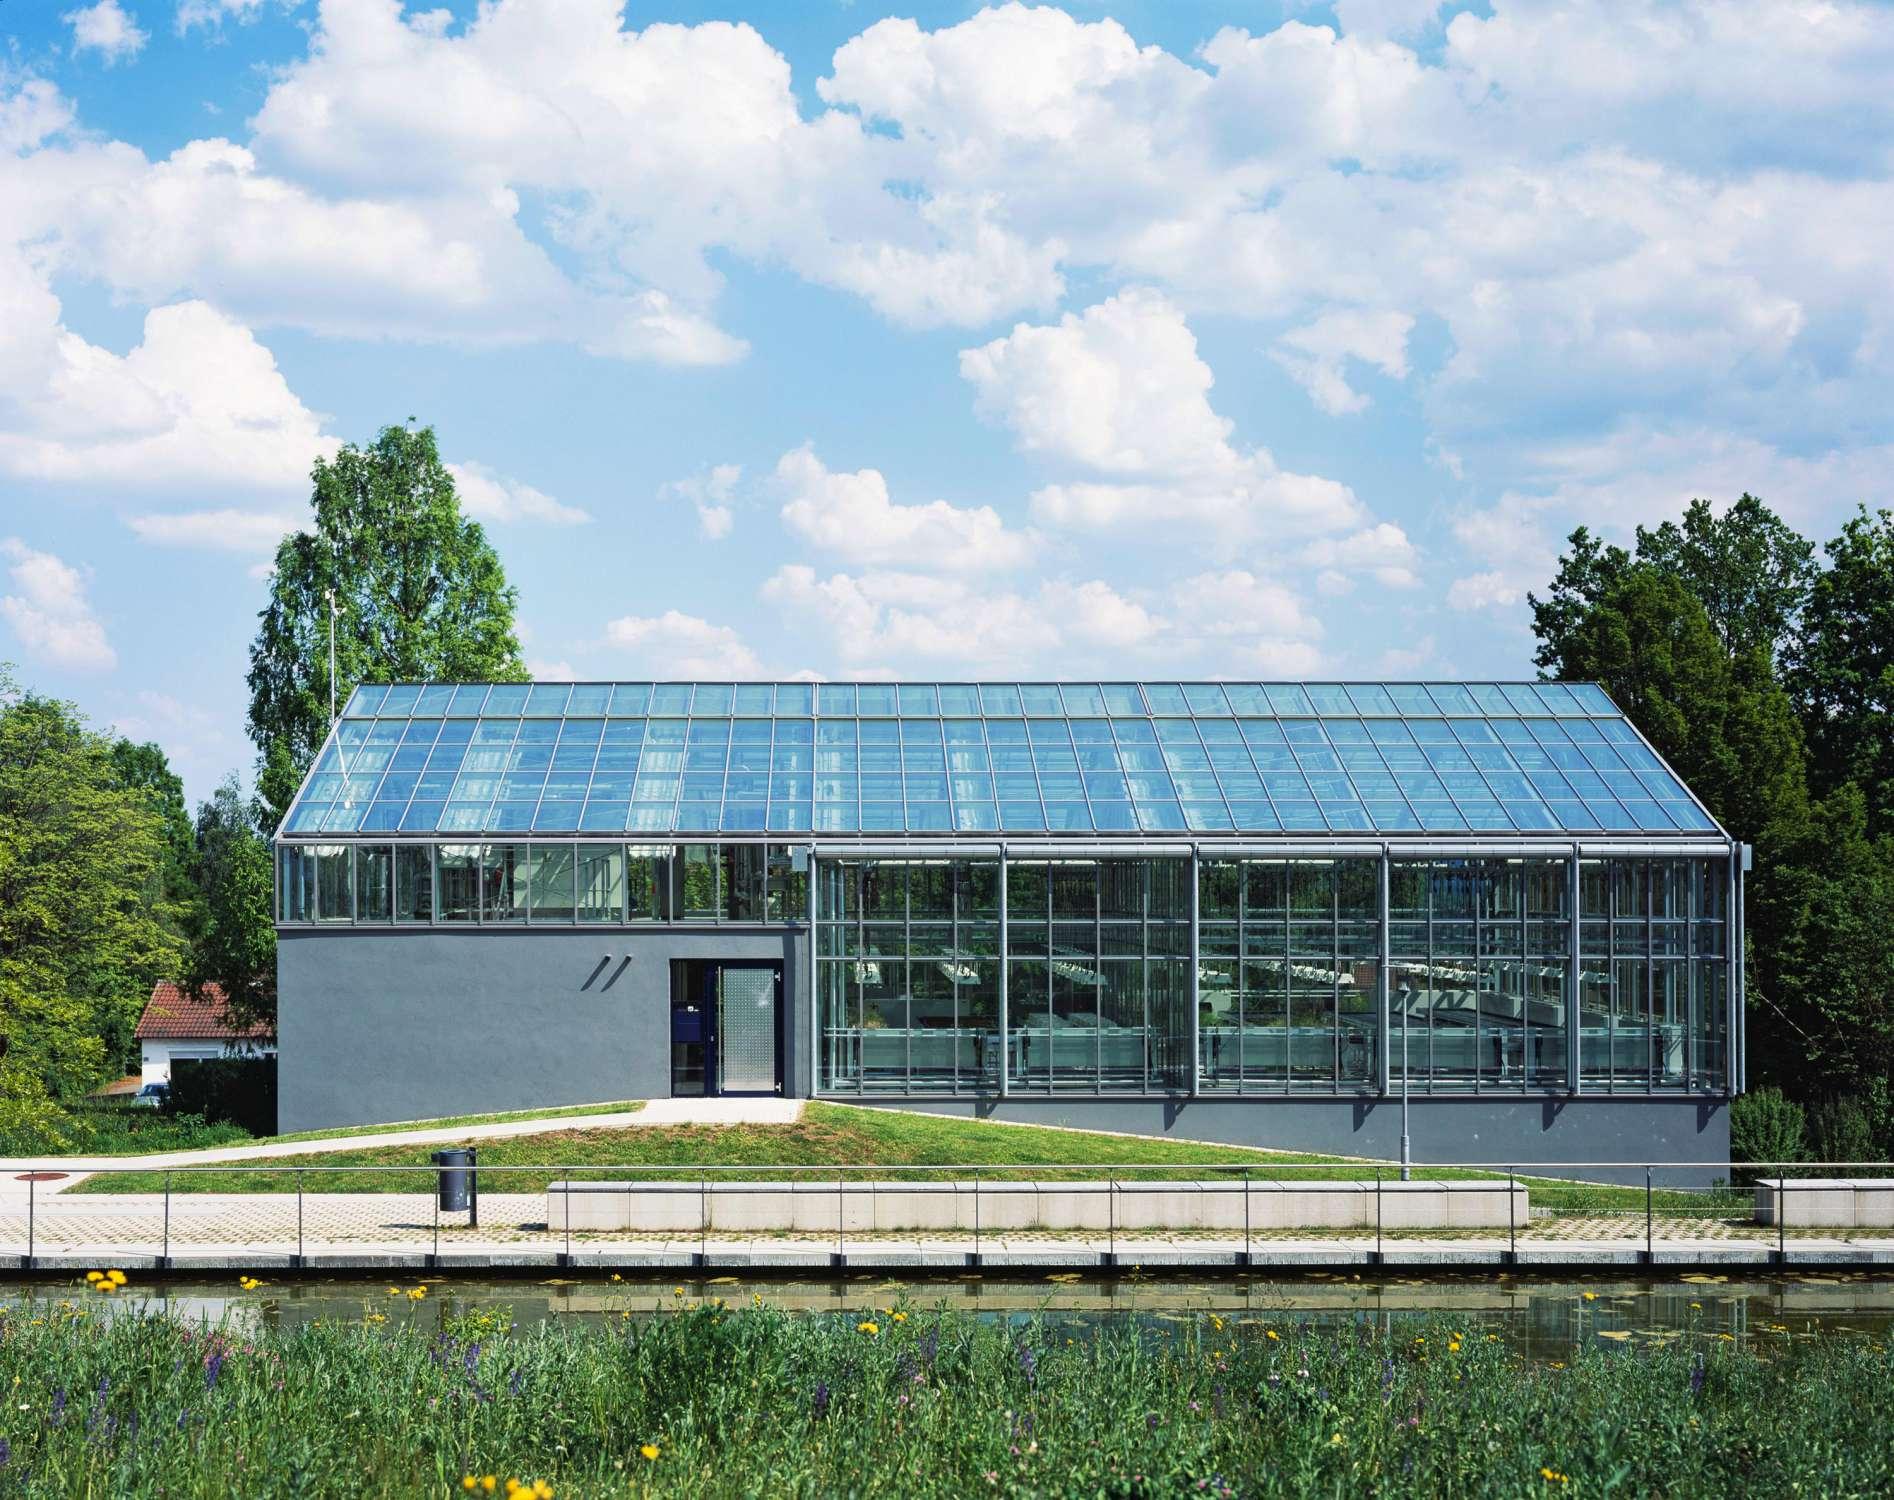 Gewächshaus zur Pflanzenforschung (6)